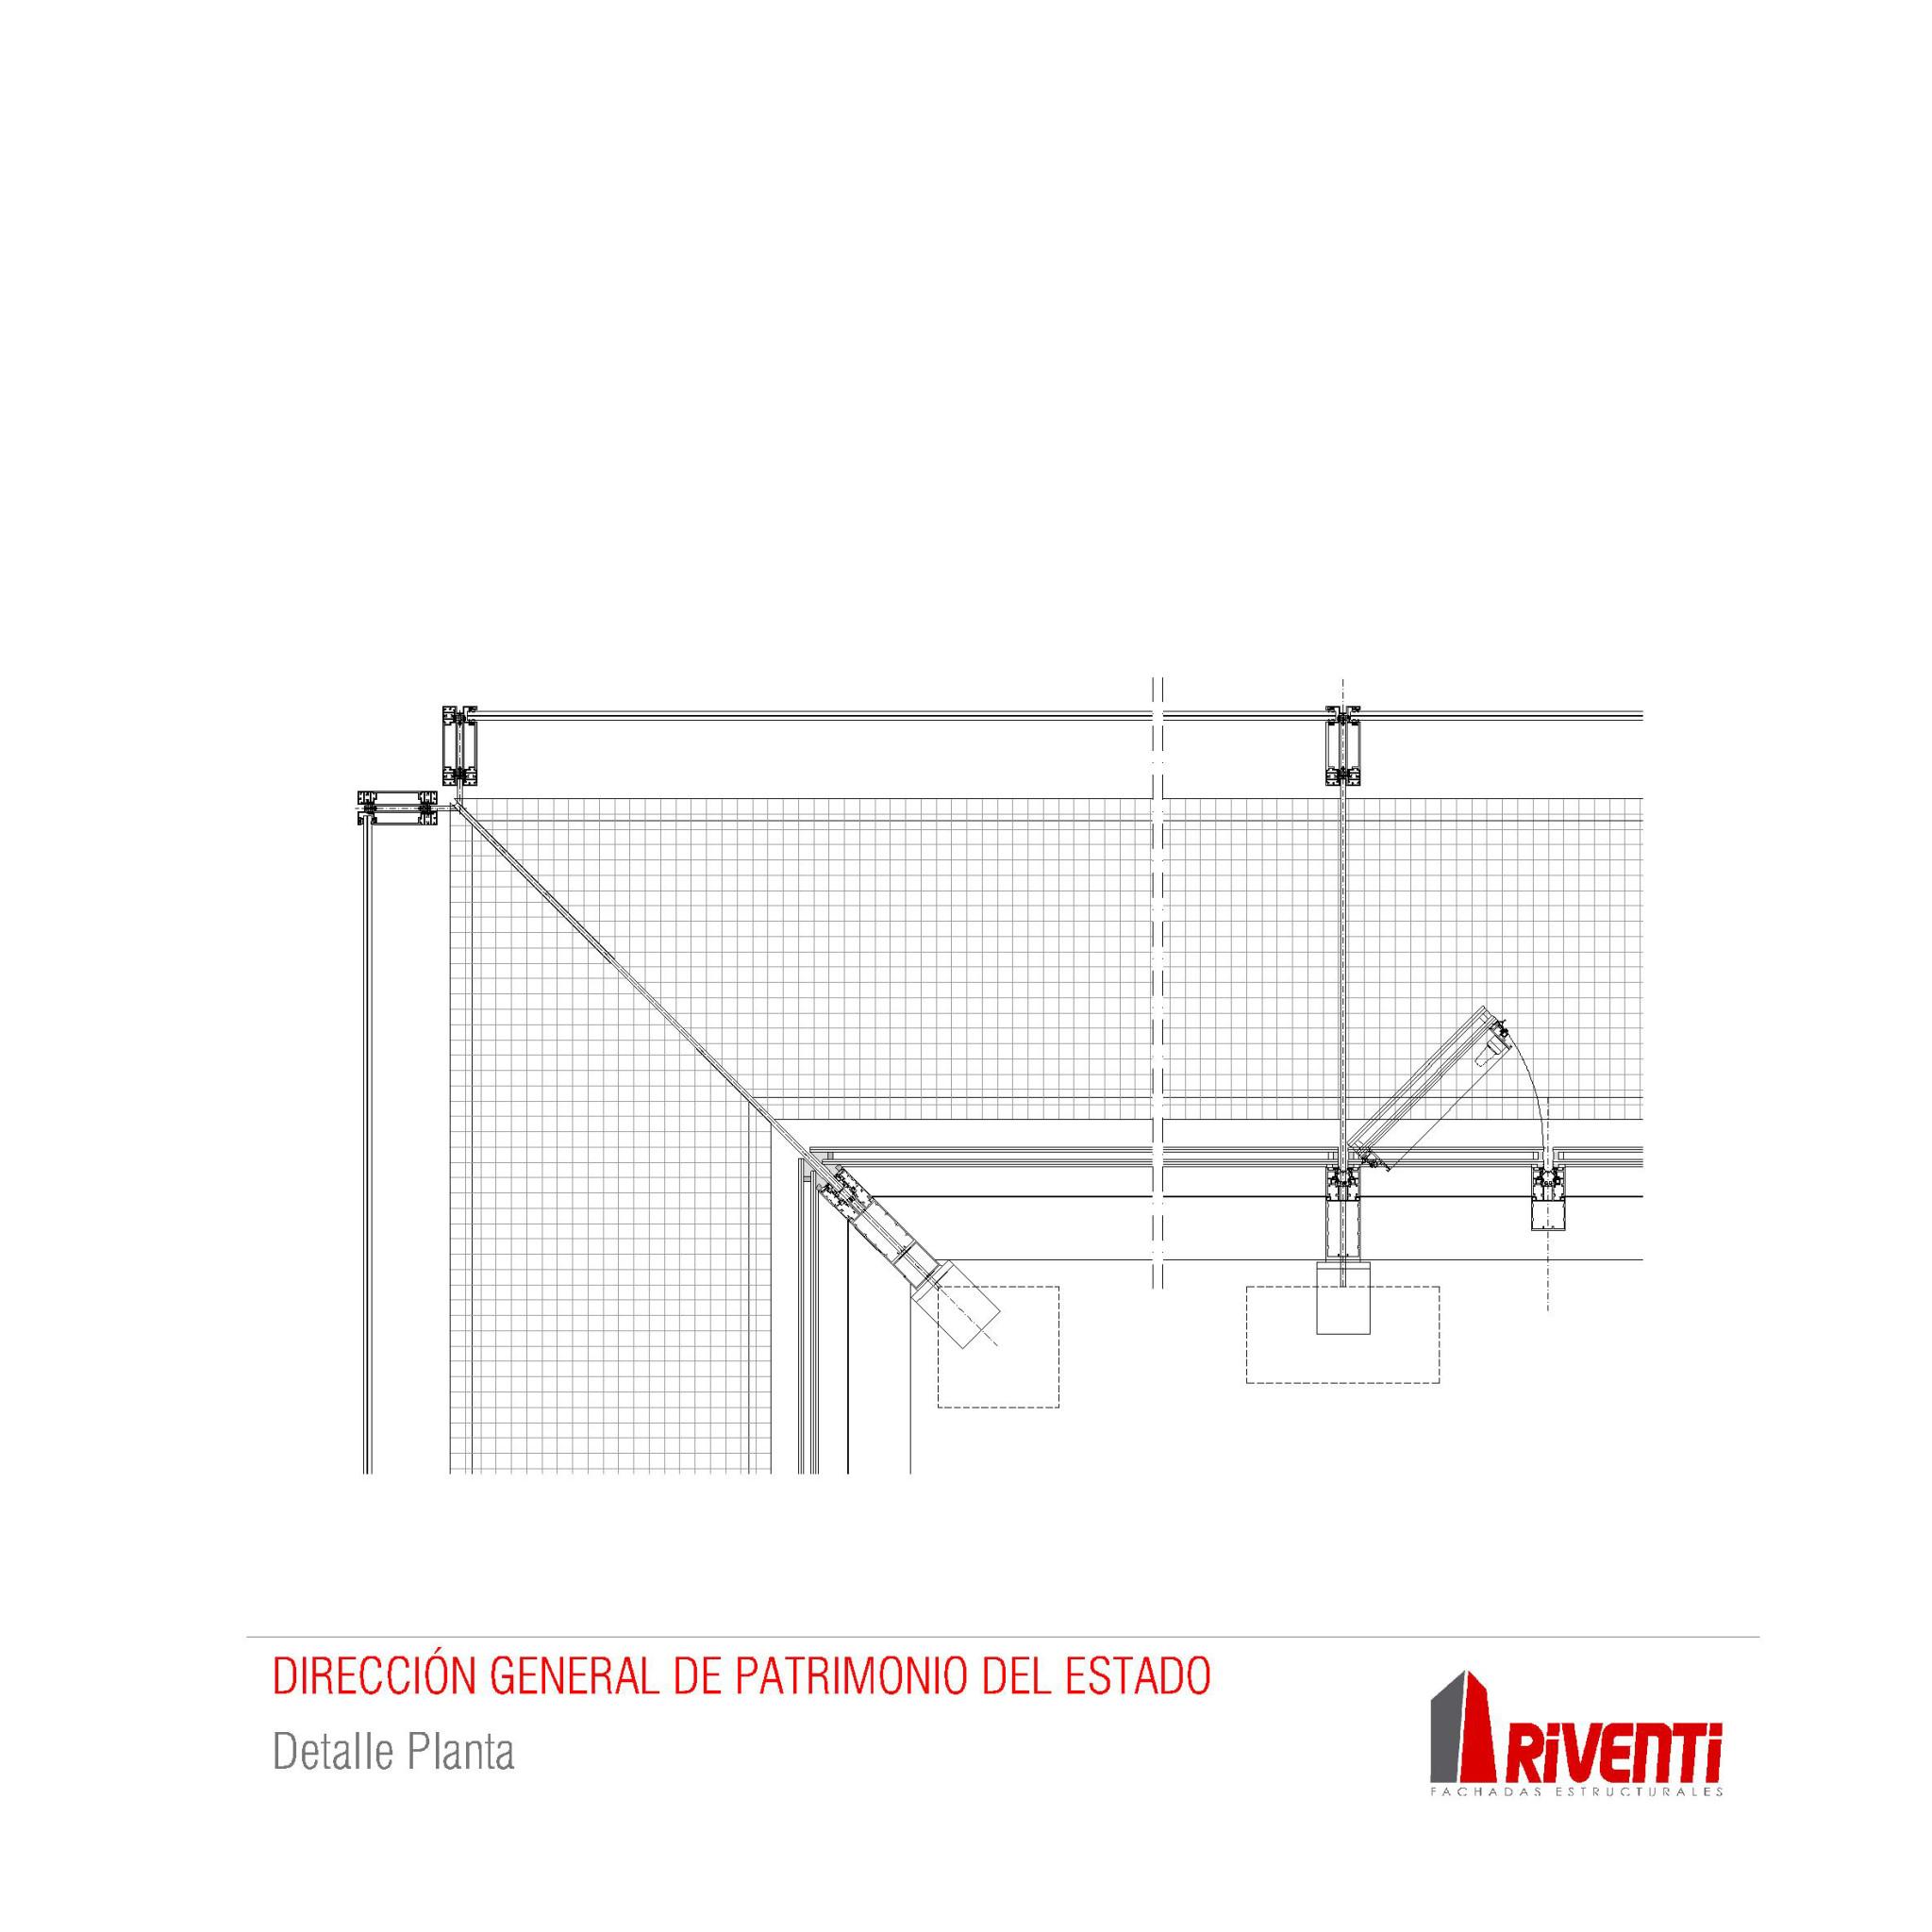 Fachada-doble-piel-muro-cortina-riventi_detalle-constructivo-planta_2